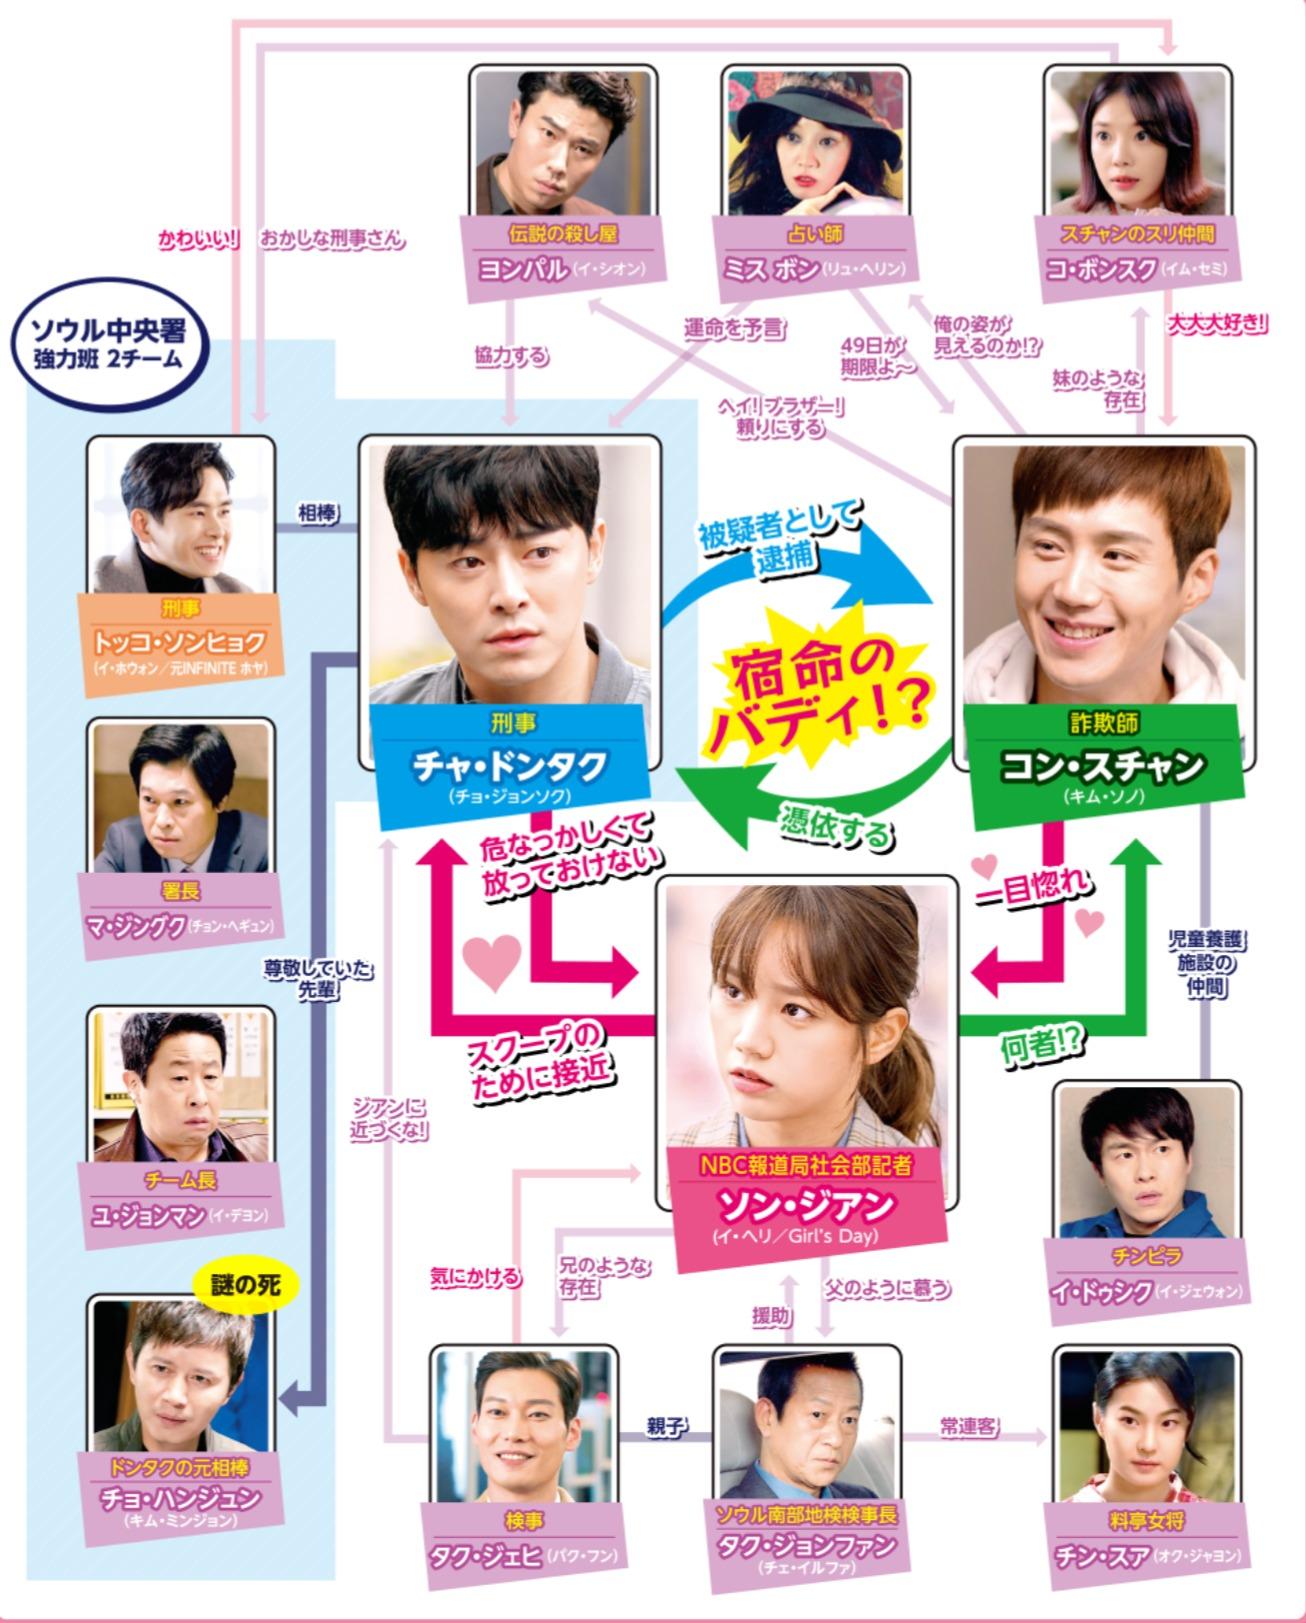 韓国ドラマ『トゥー・カップス~ただいま恋が憑依中!?~』登場人物相関図(関係図)